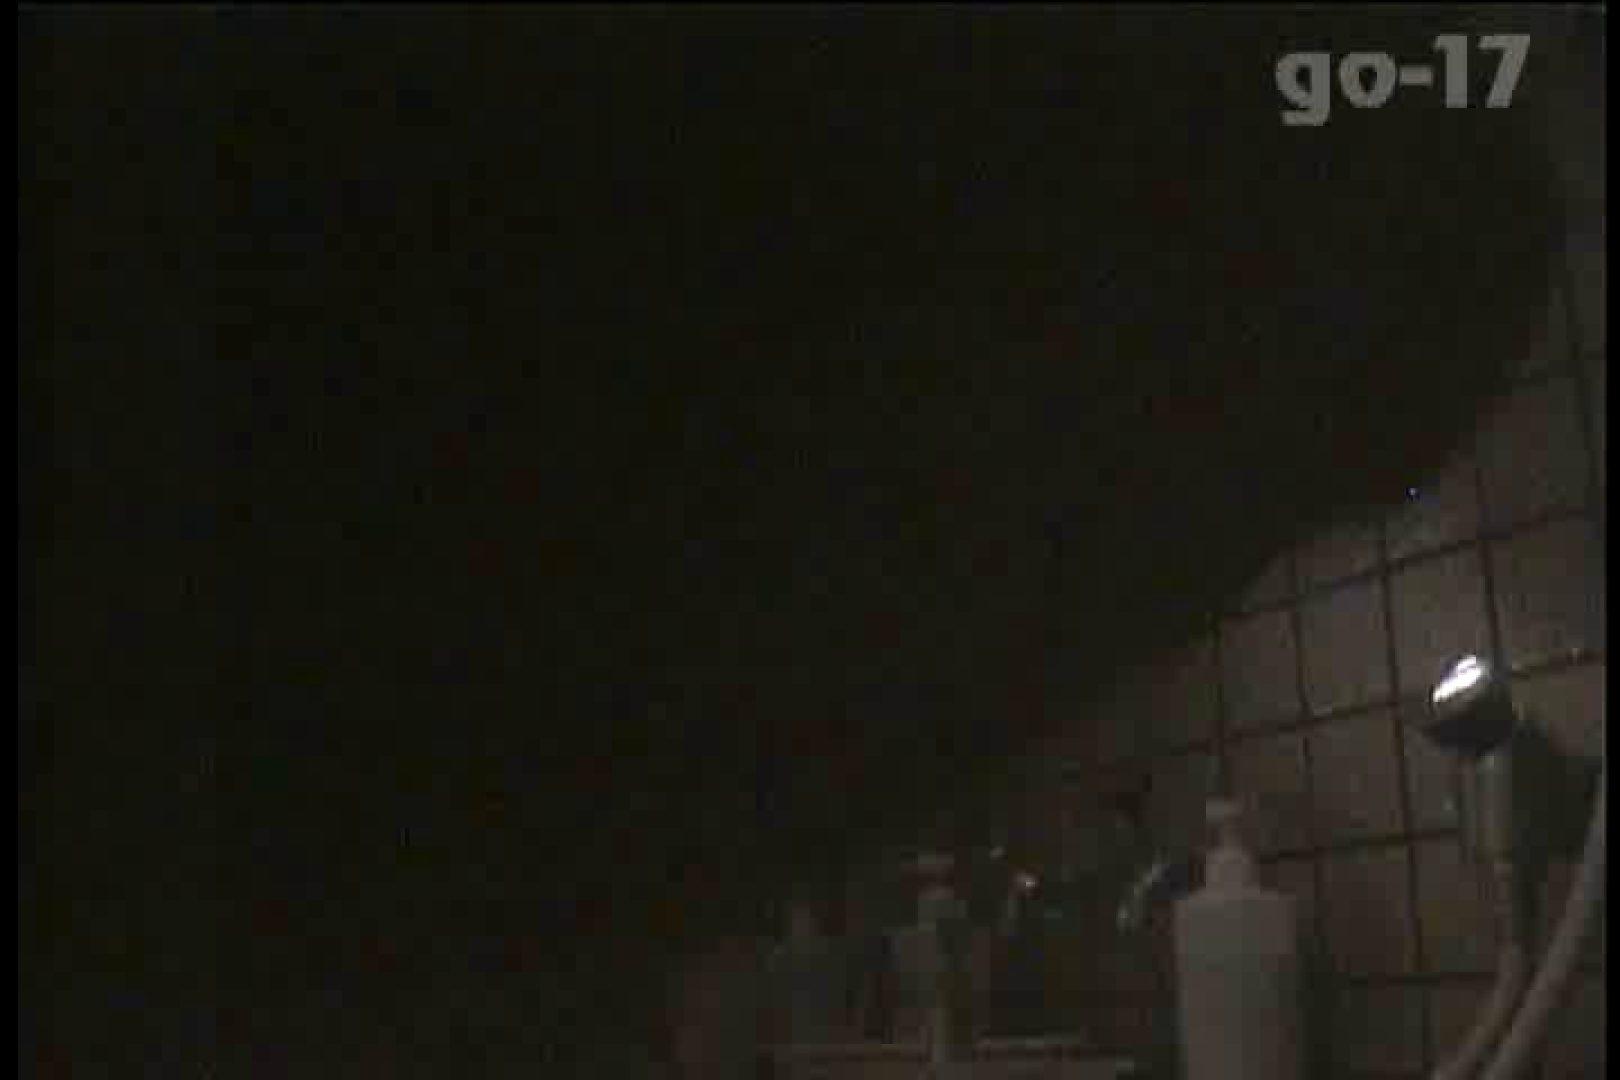 電波カメラ設置浴場からの防HAN映像 Vol.17  32枚